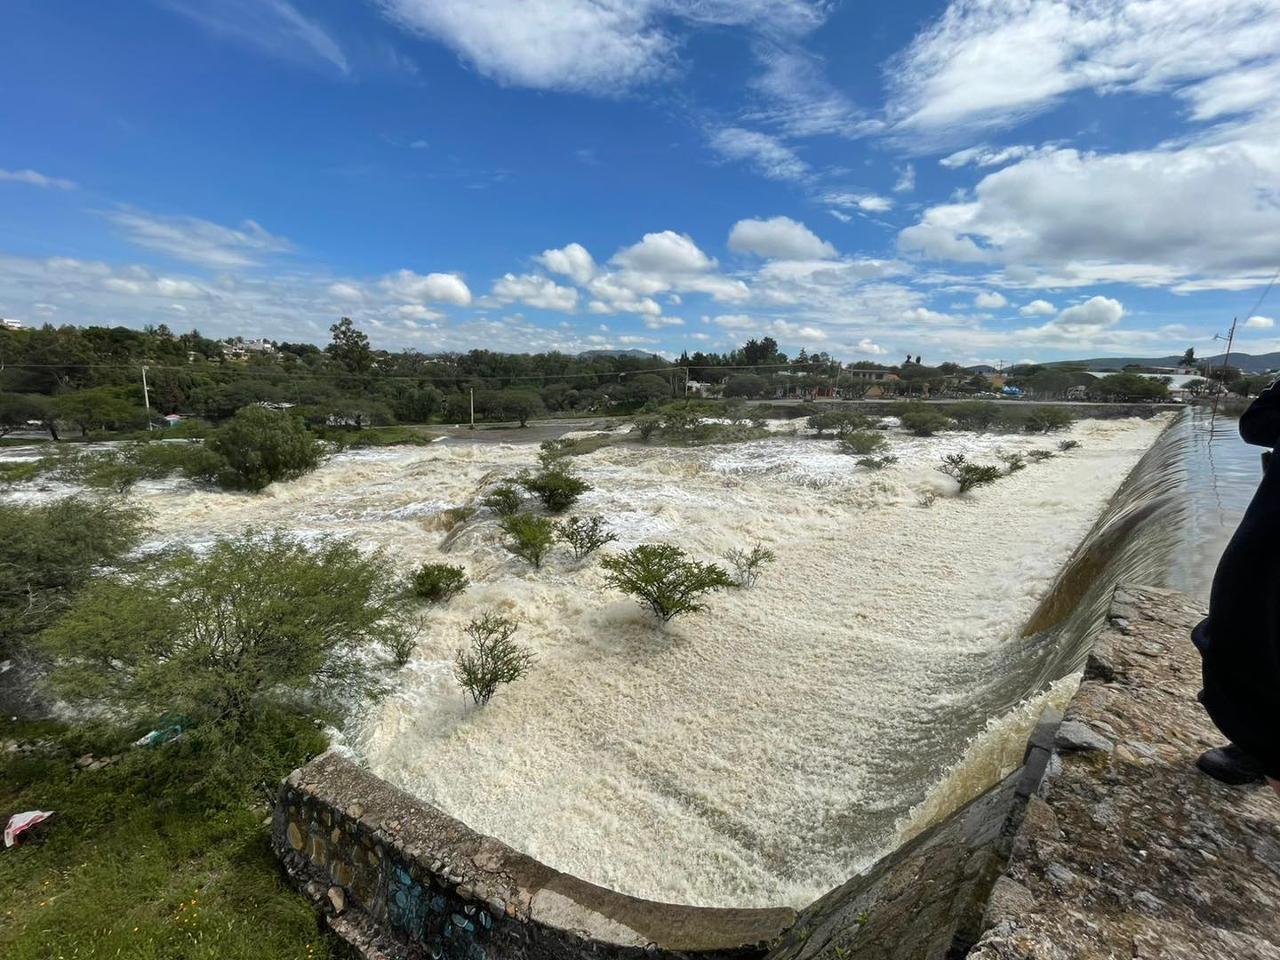 Una presa se desborda y deja inundaciones en Tequisquiapan, Querétaro